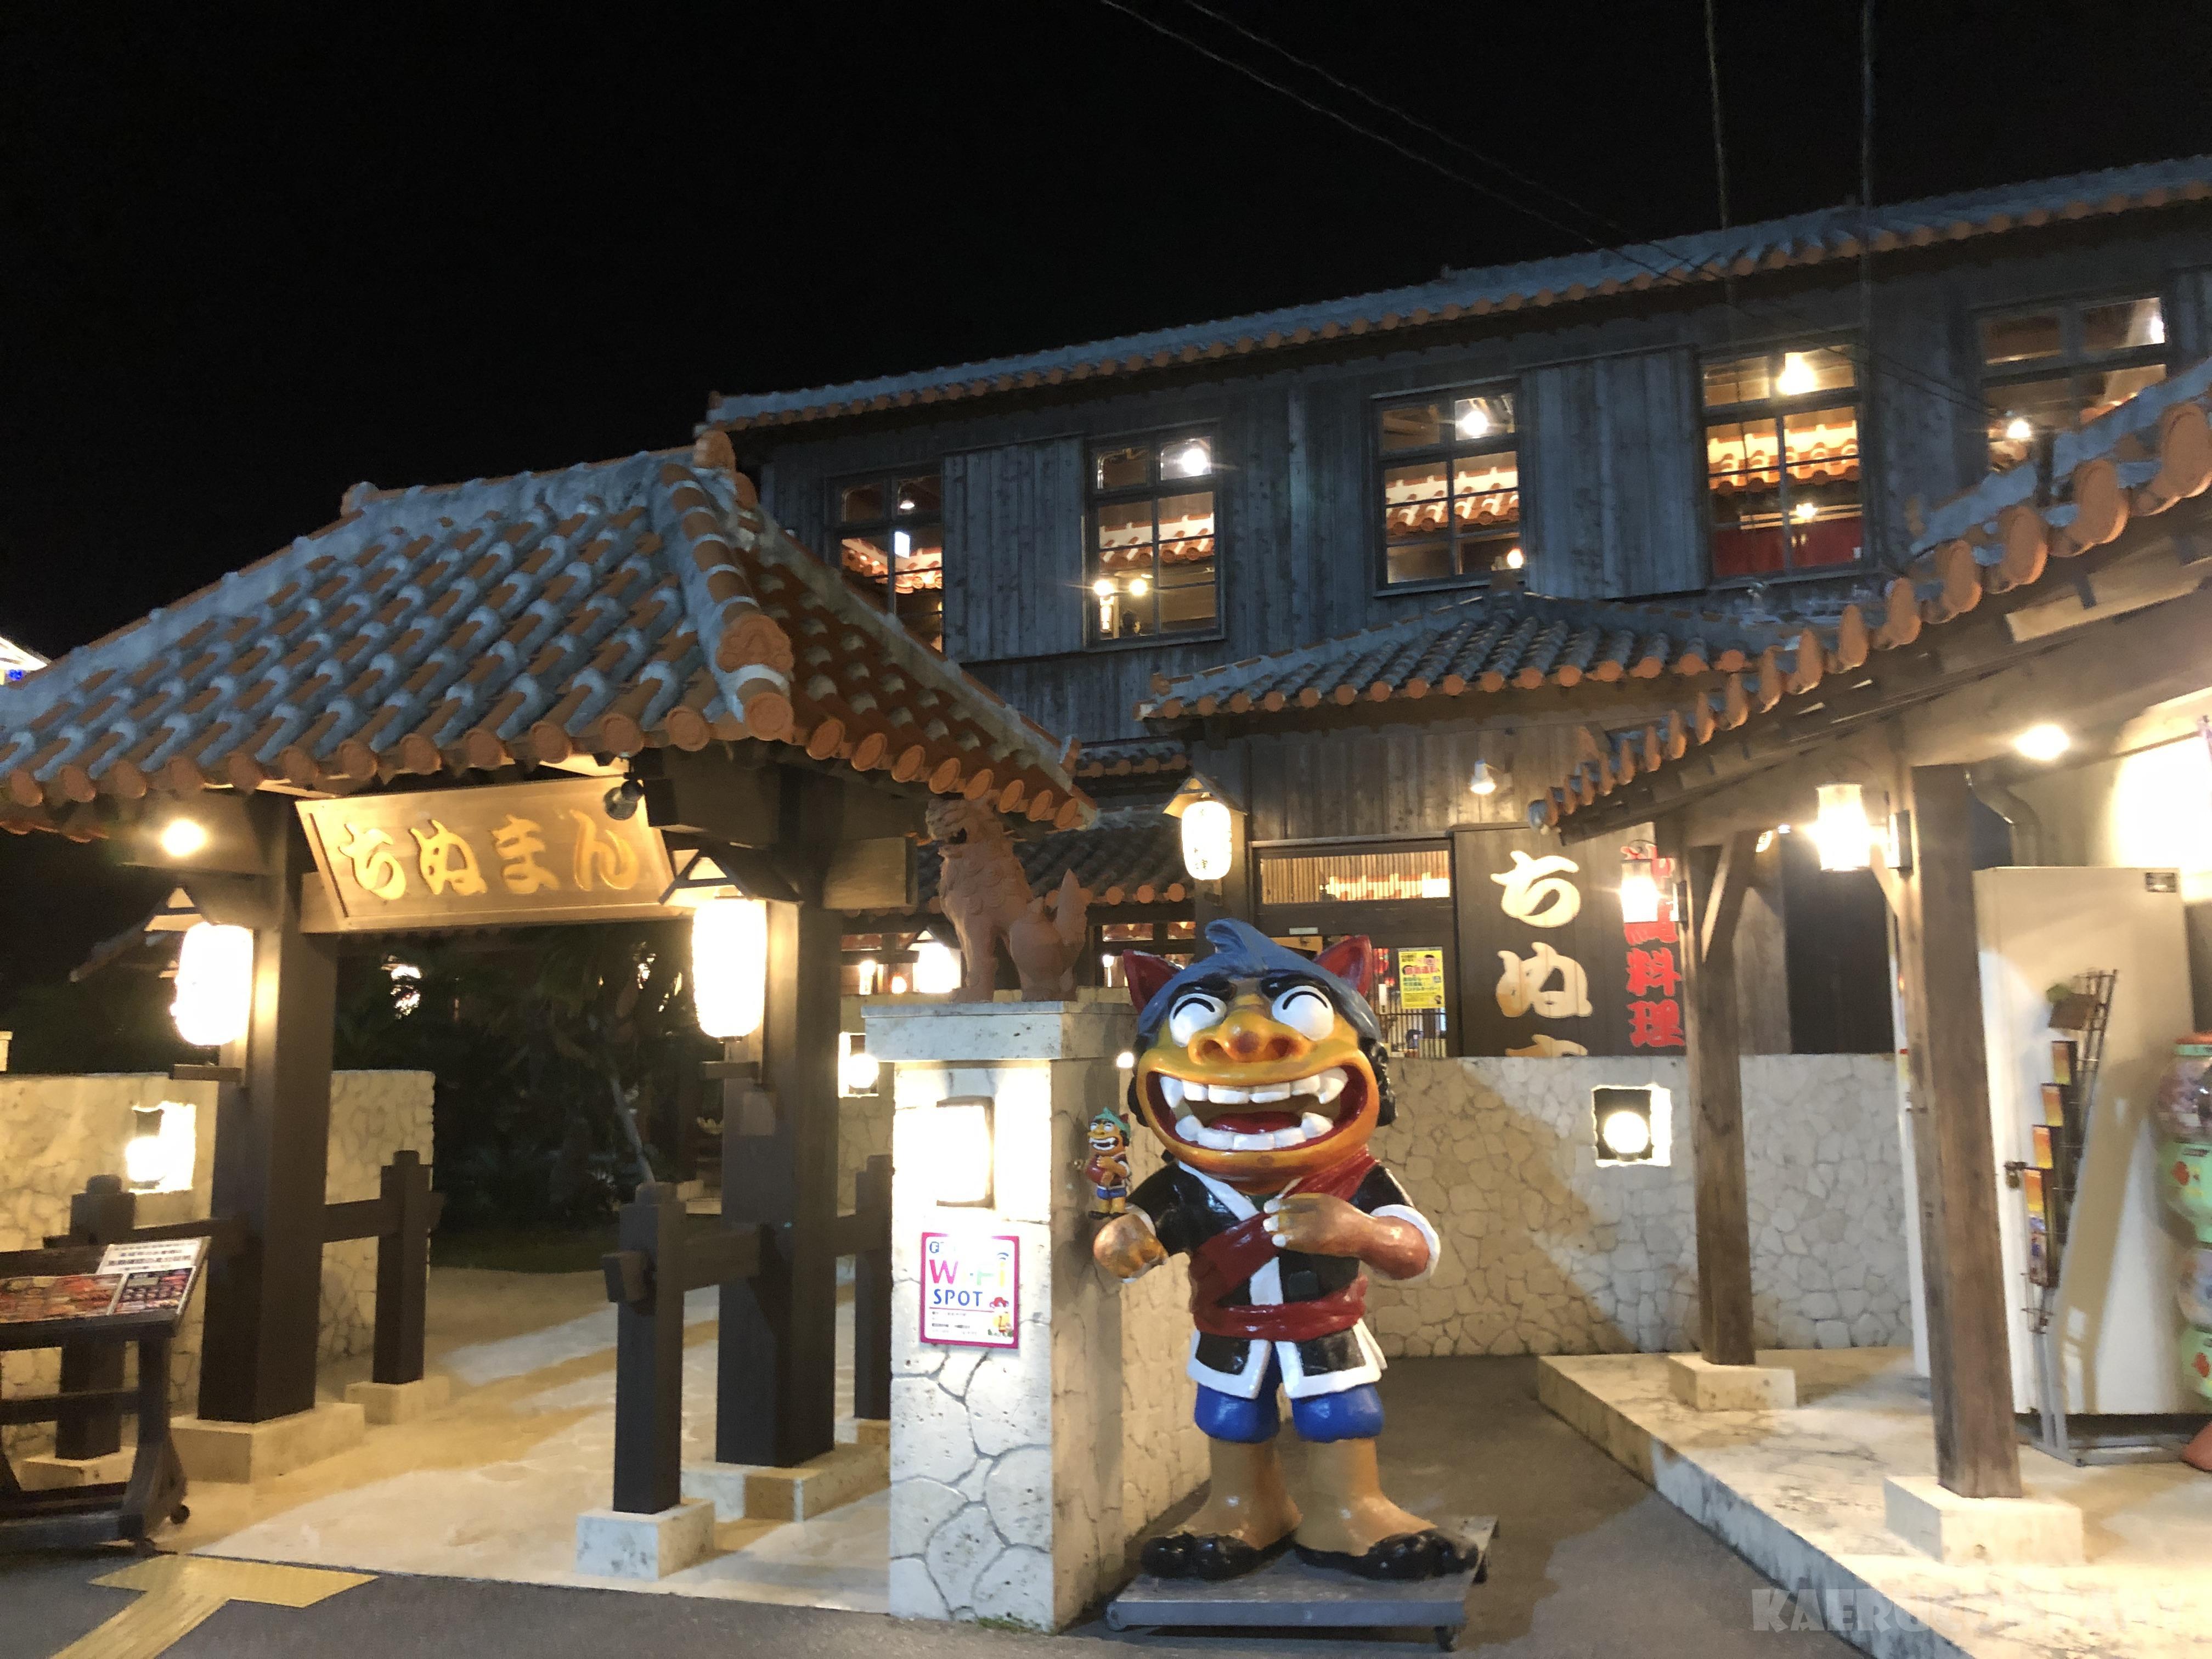 恩納村に泊まるならぜひ寄りたい!ホテルへの送迎付き@沖縄民謡居酒屋ちぬまん